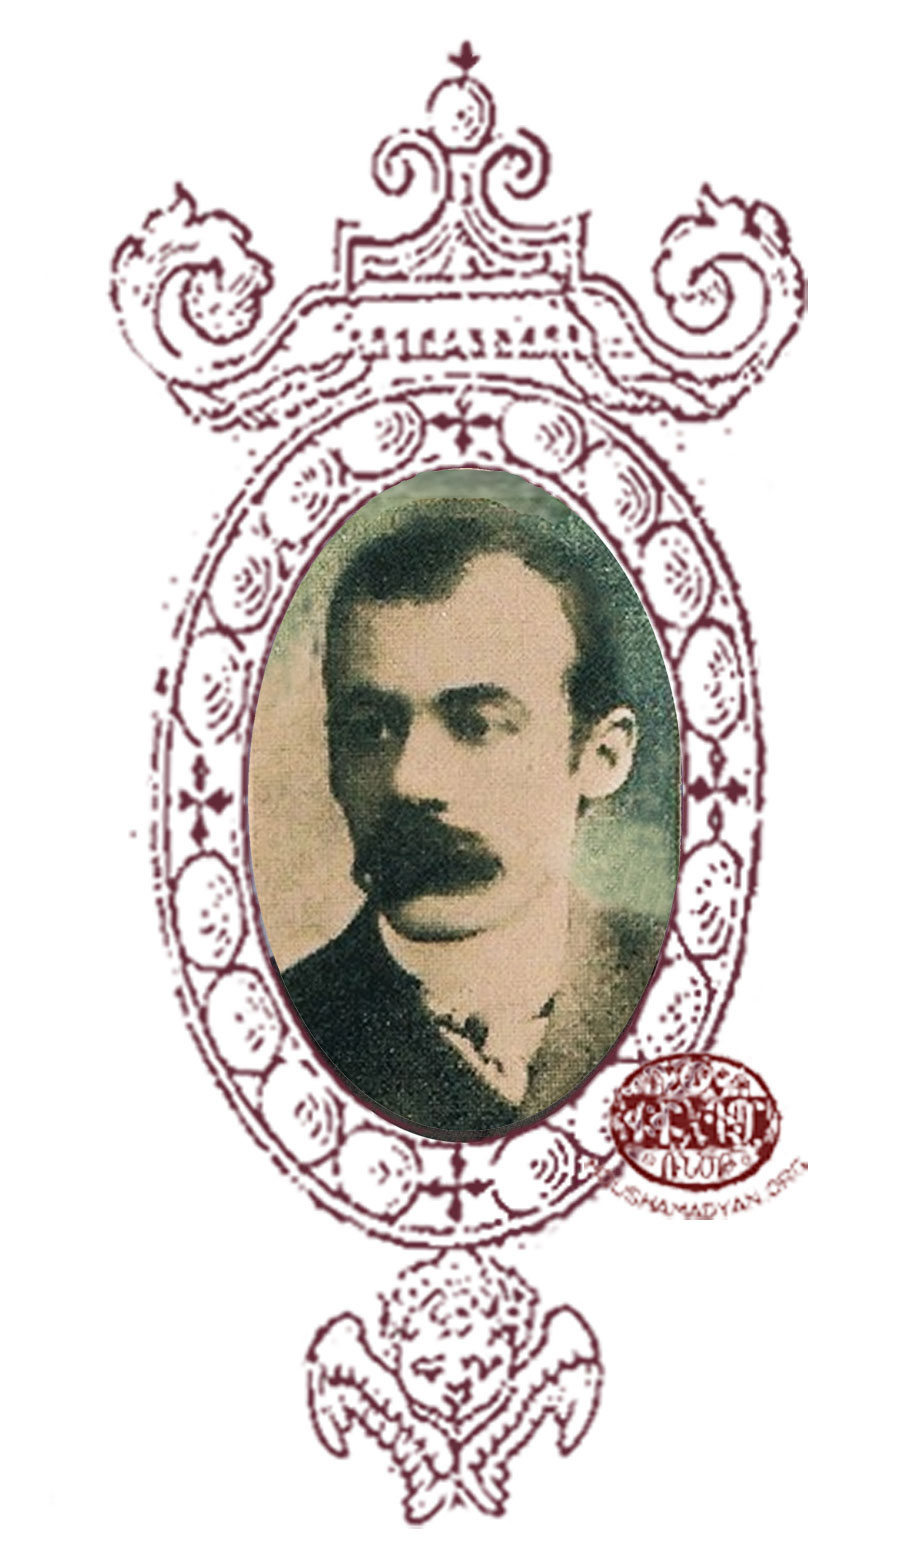 Յովհաննէս Պուճիգանեան